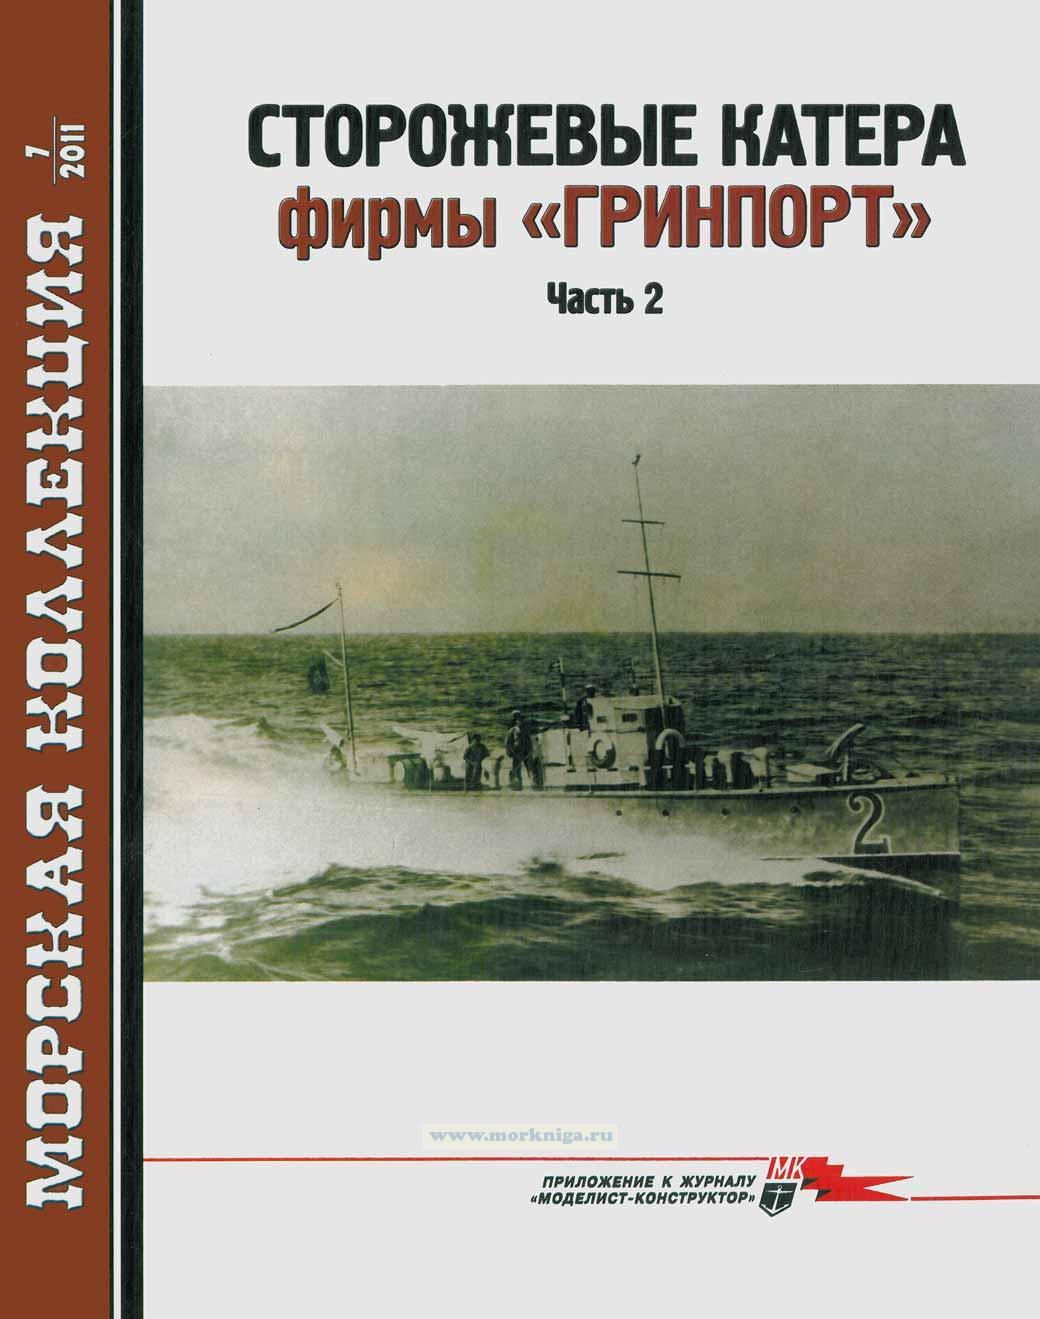 """Сторожевые катера фирмы """"Гринпорт"""". Часть 2. Морская коллекция №7 (2011)"""